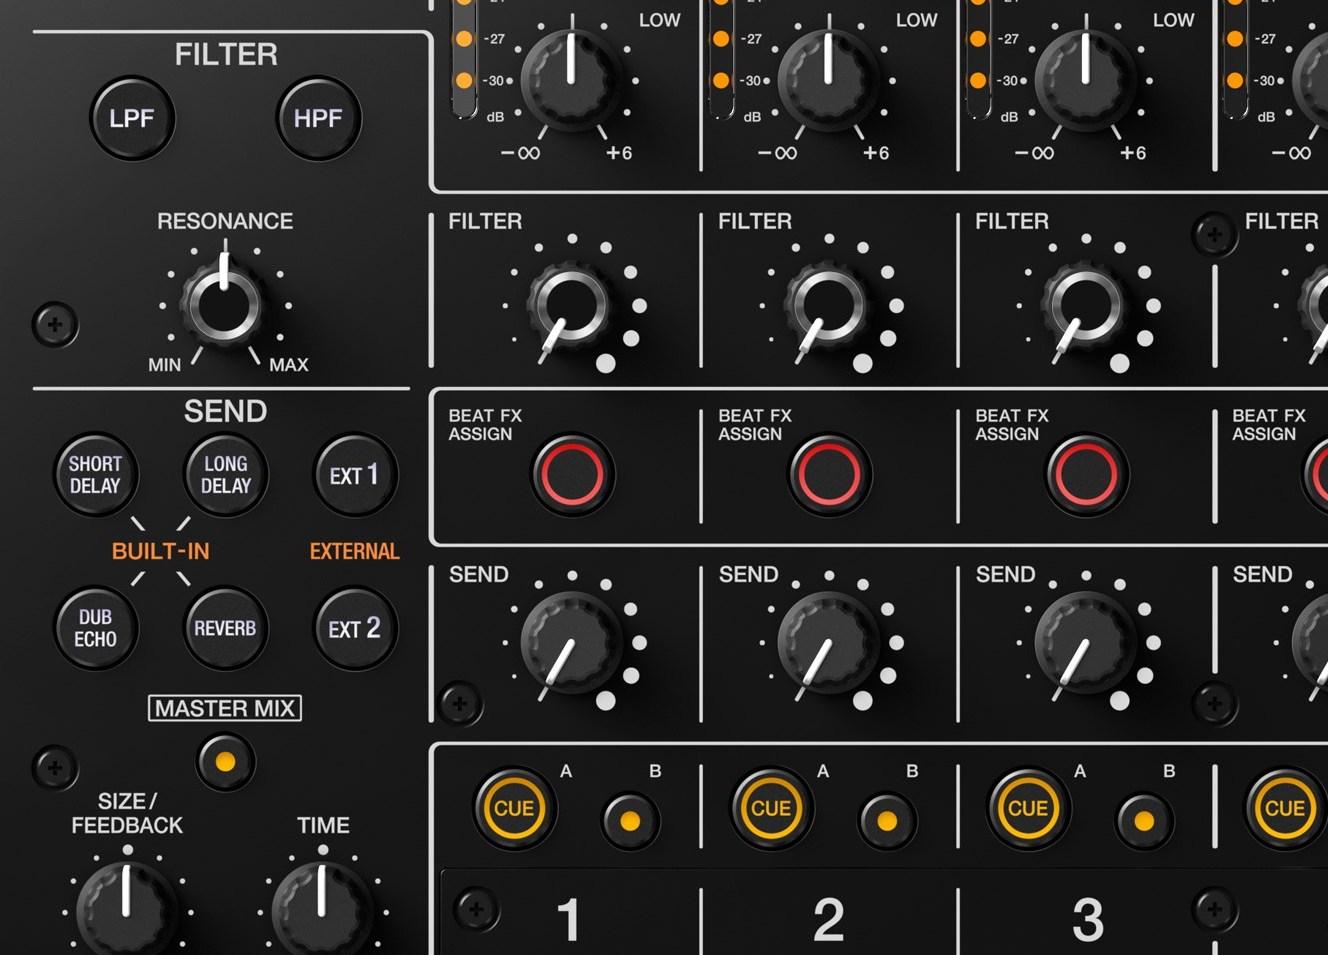 djm-v10 filter, send fx, cue